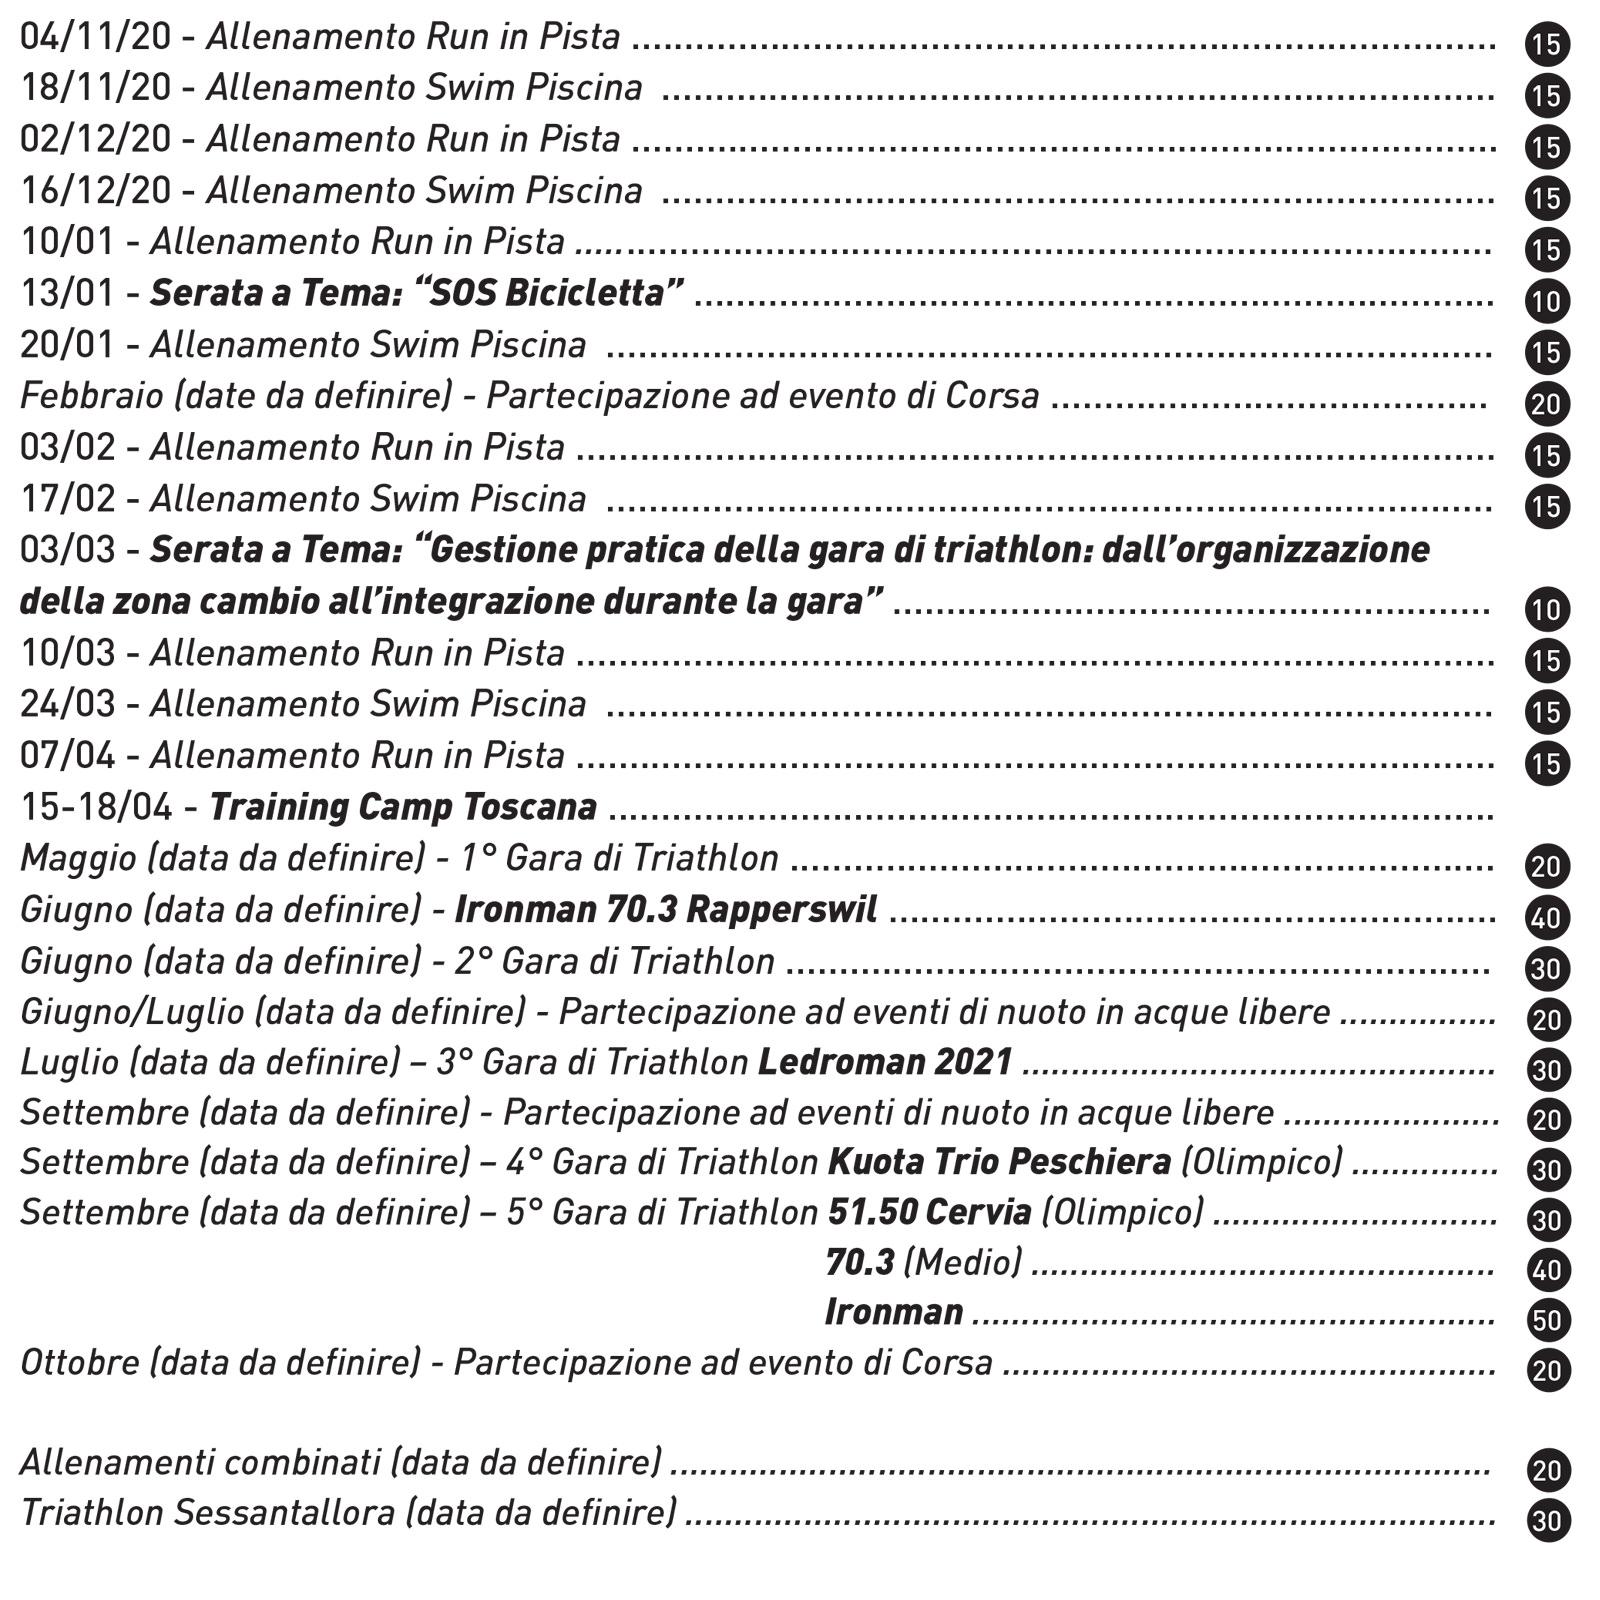 Calendario TRIATHLON 2021